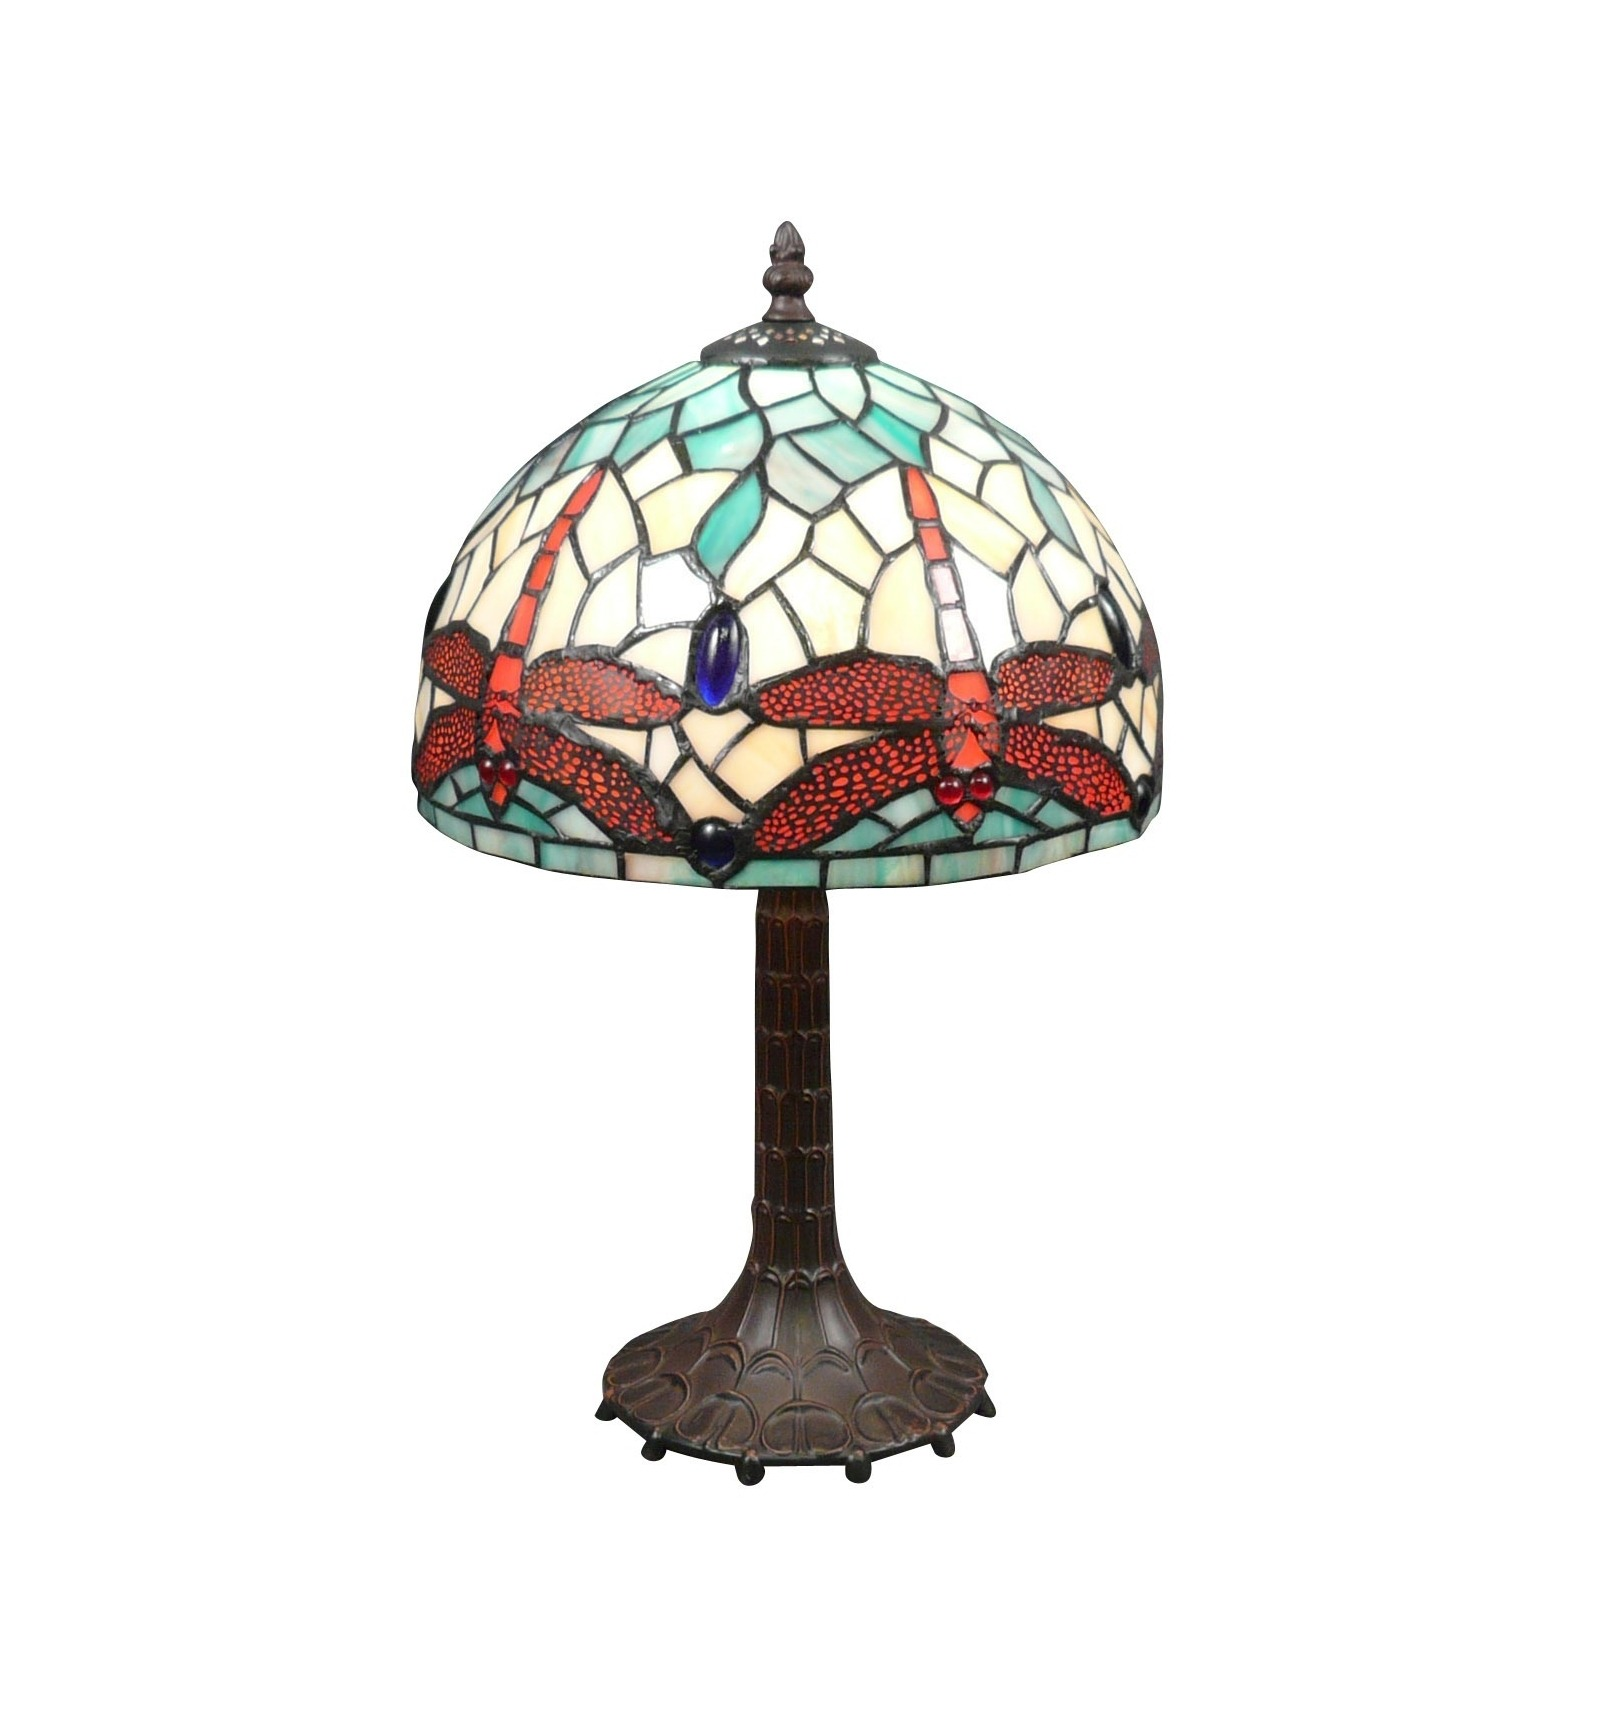 lampe tiffany libellules de style art nouveau mobilier. Black Bedroom Furniture Sets. Home Design Ideas